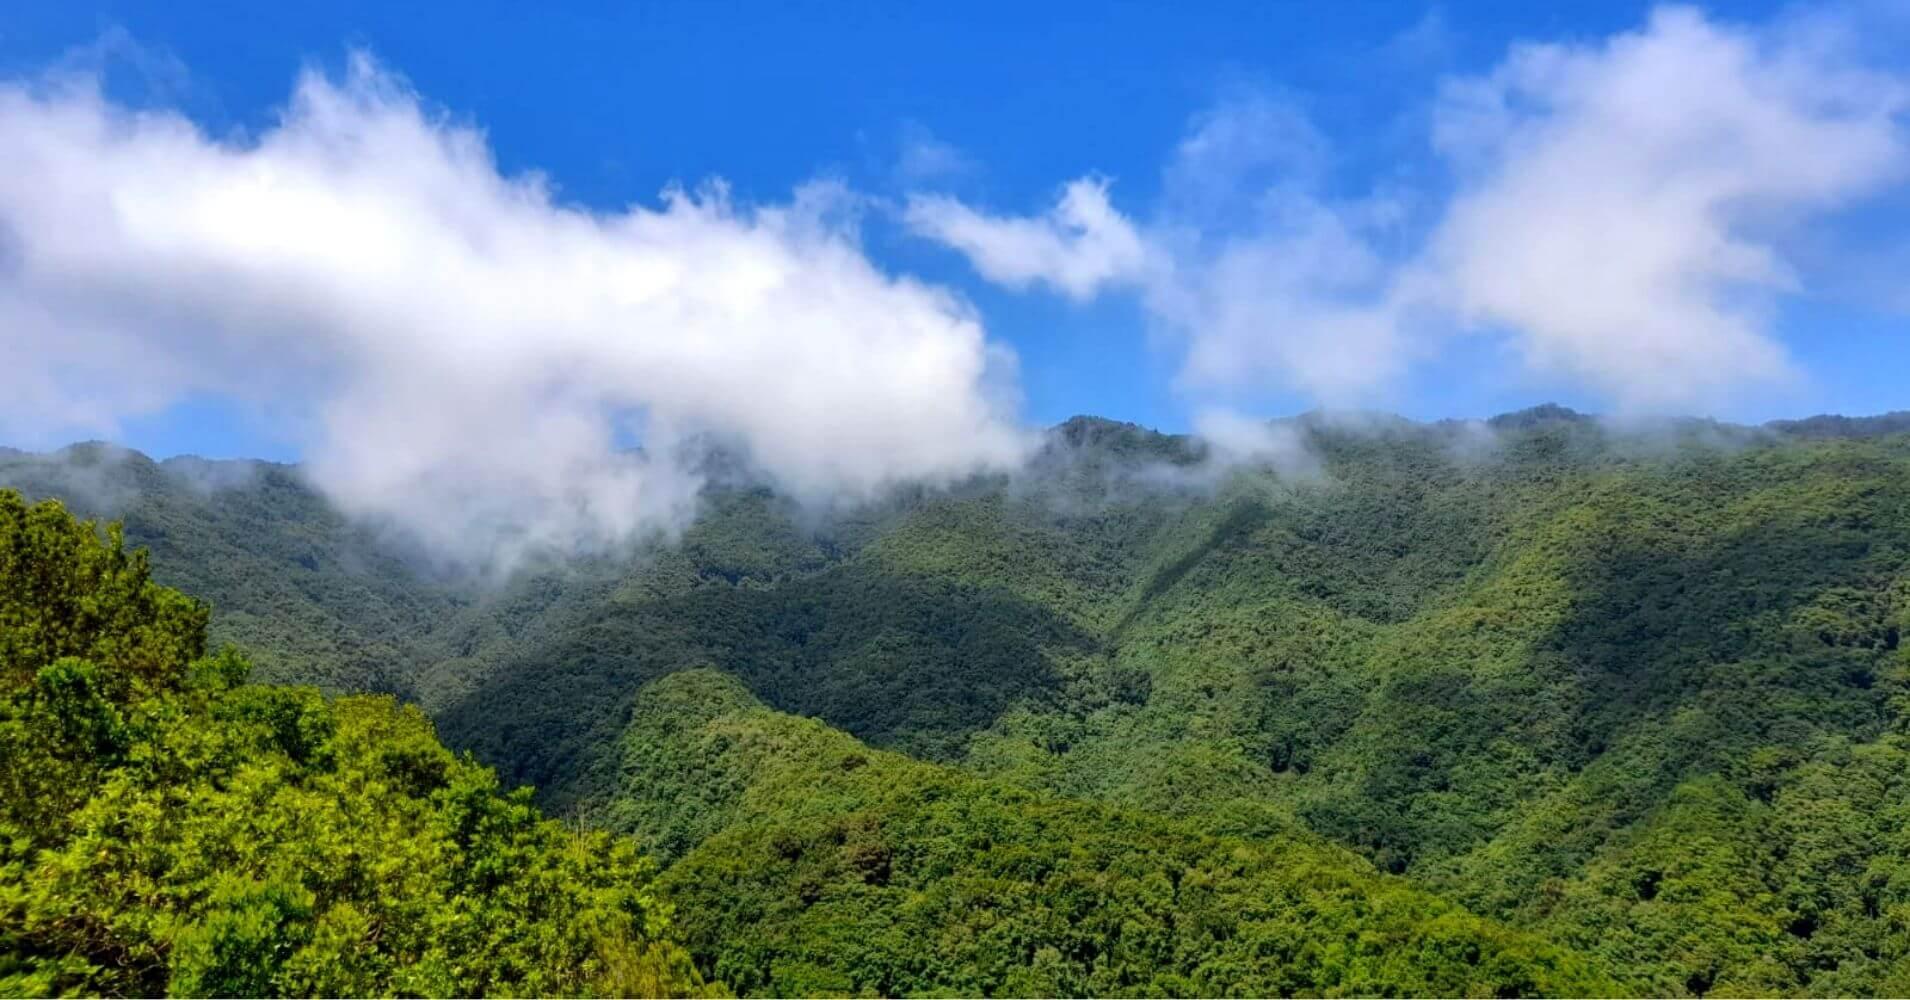 Parque Nacional de la Caldera de Taburiente. La Palma, Islas Canarias.